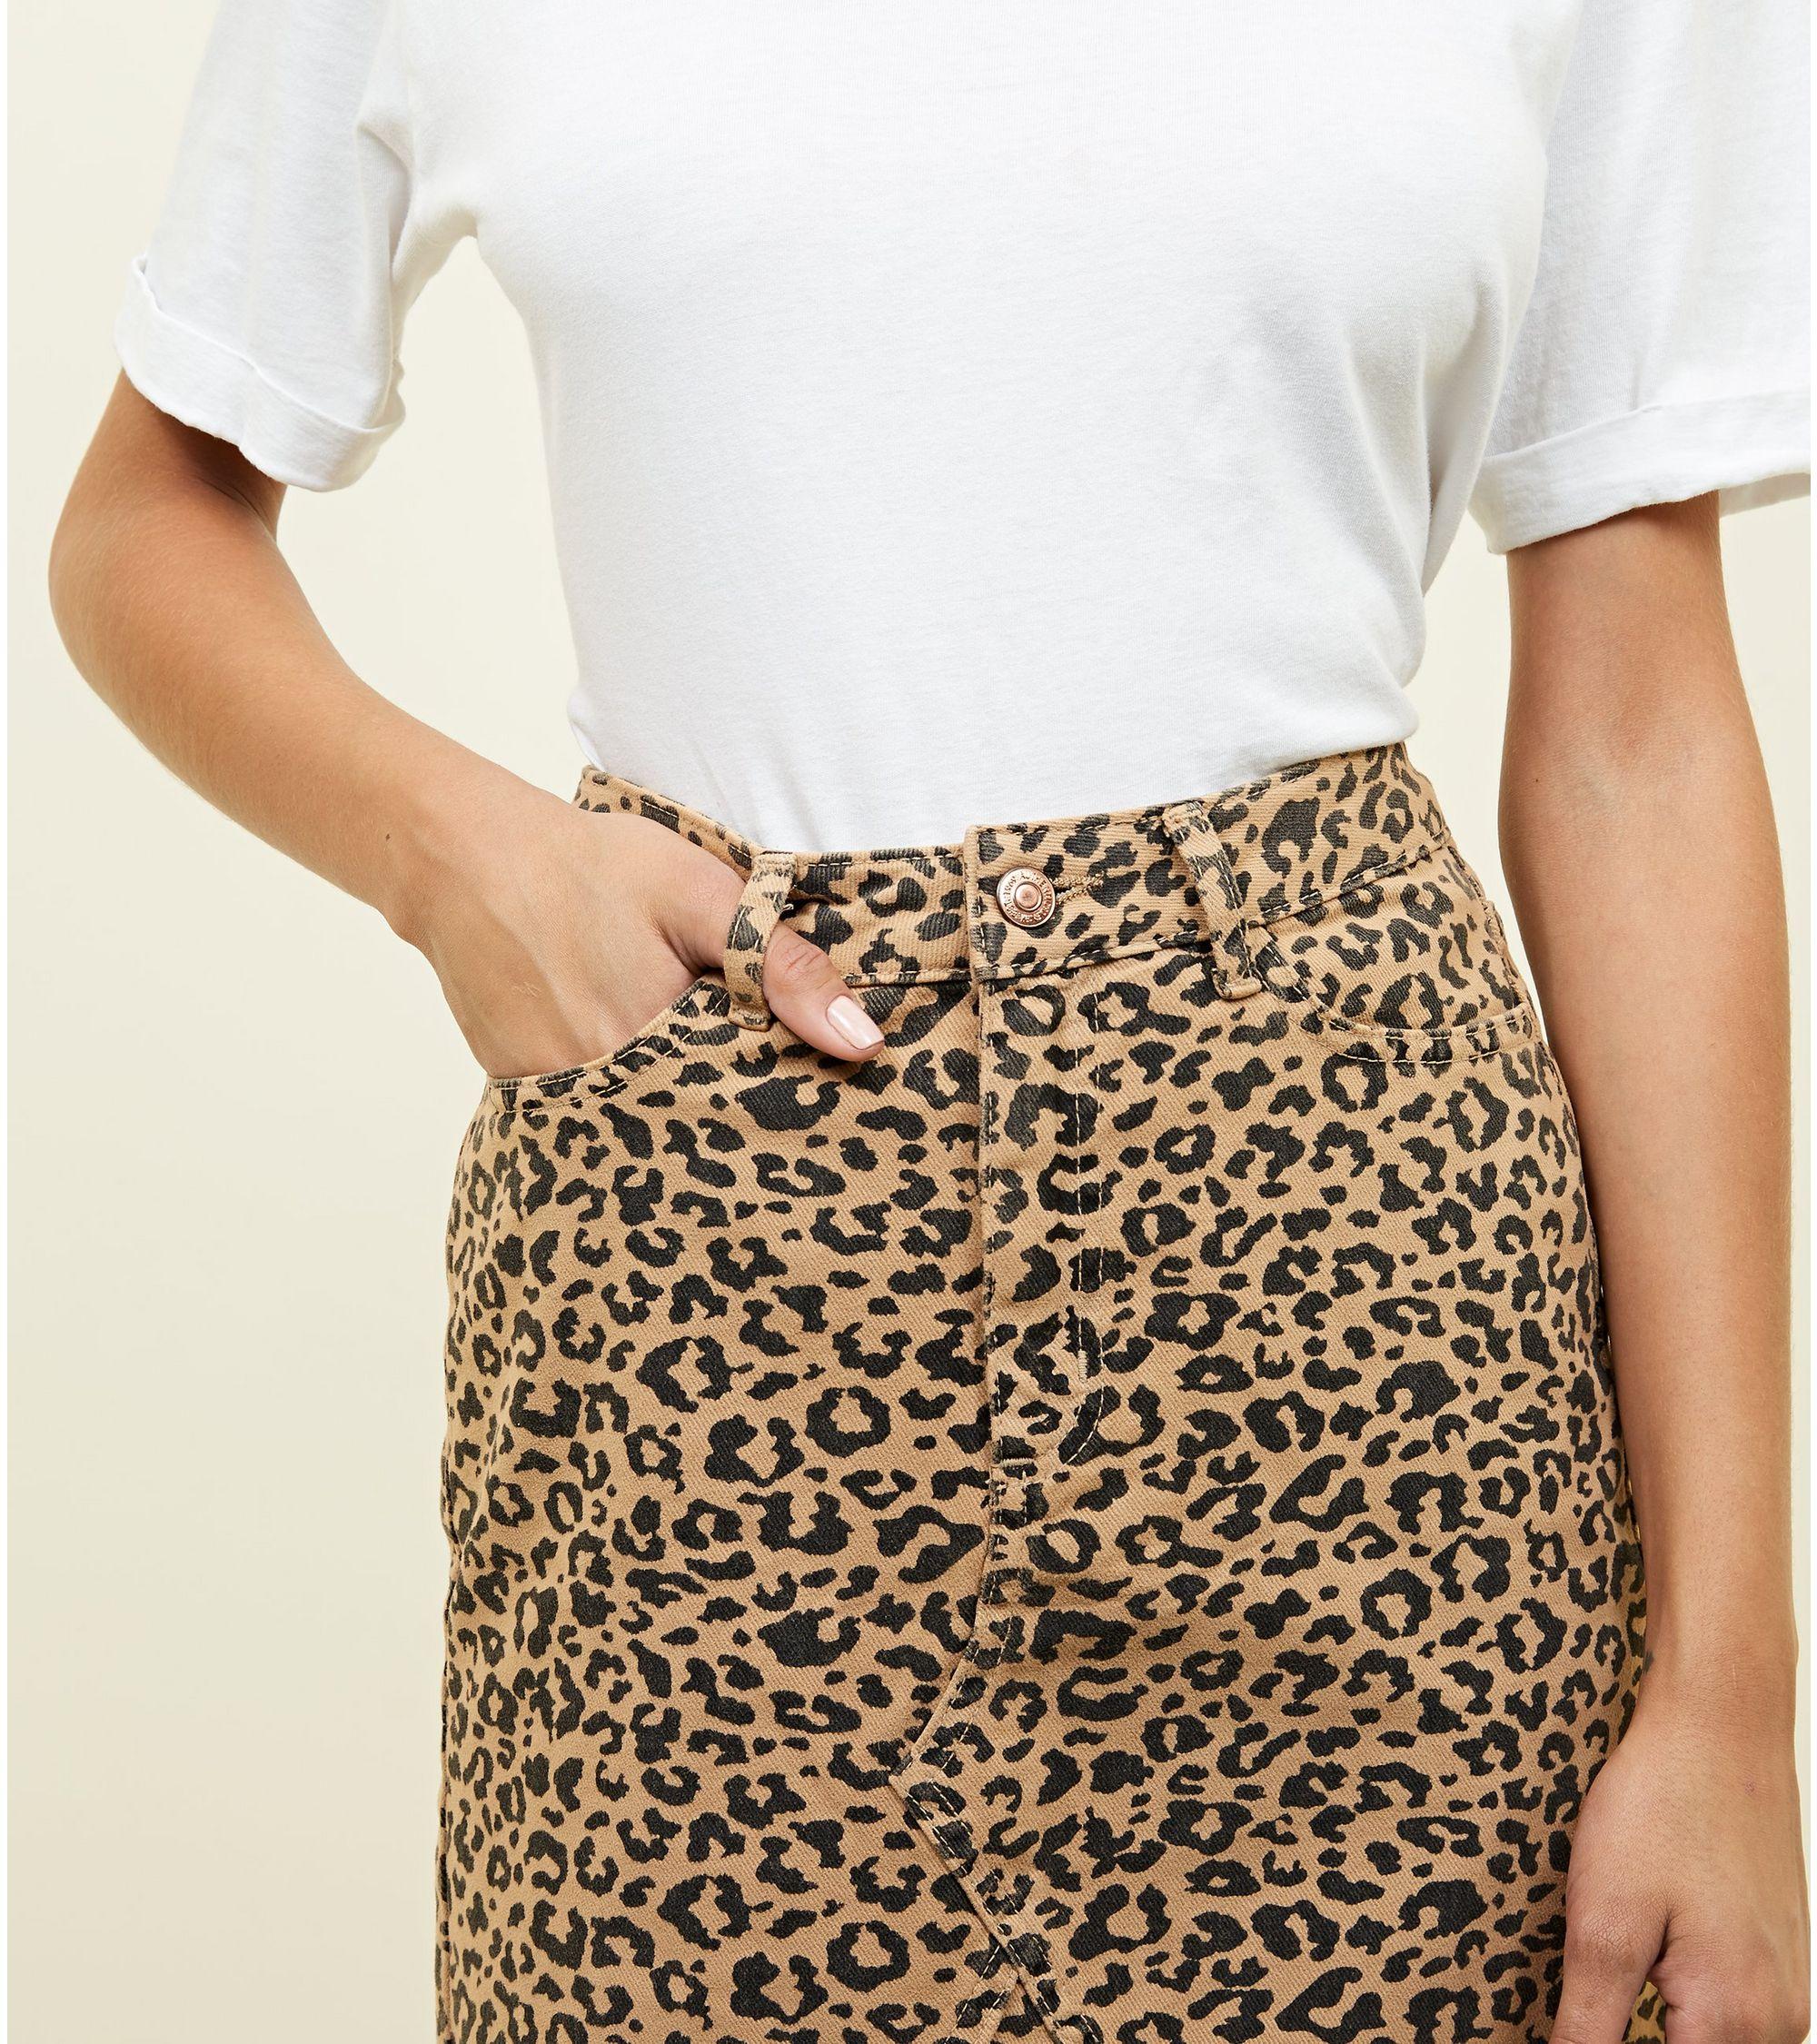 b604642631 New Look Tan Leopard Print Denim Mini Skirt at £22.99   love the brands